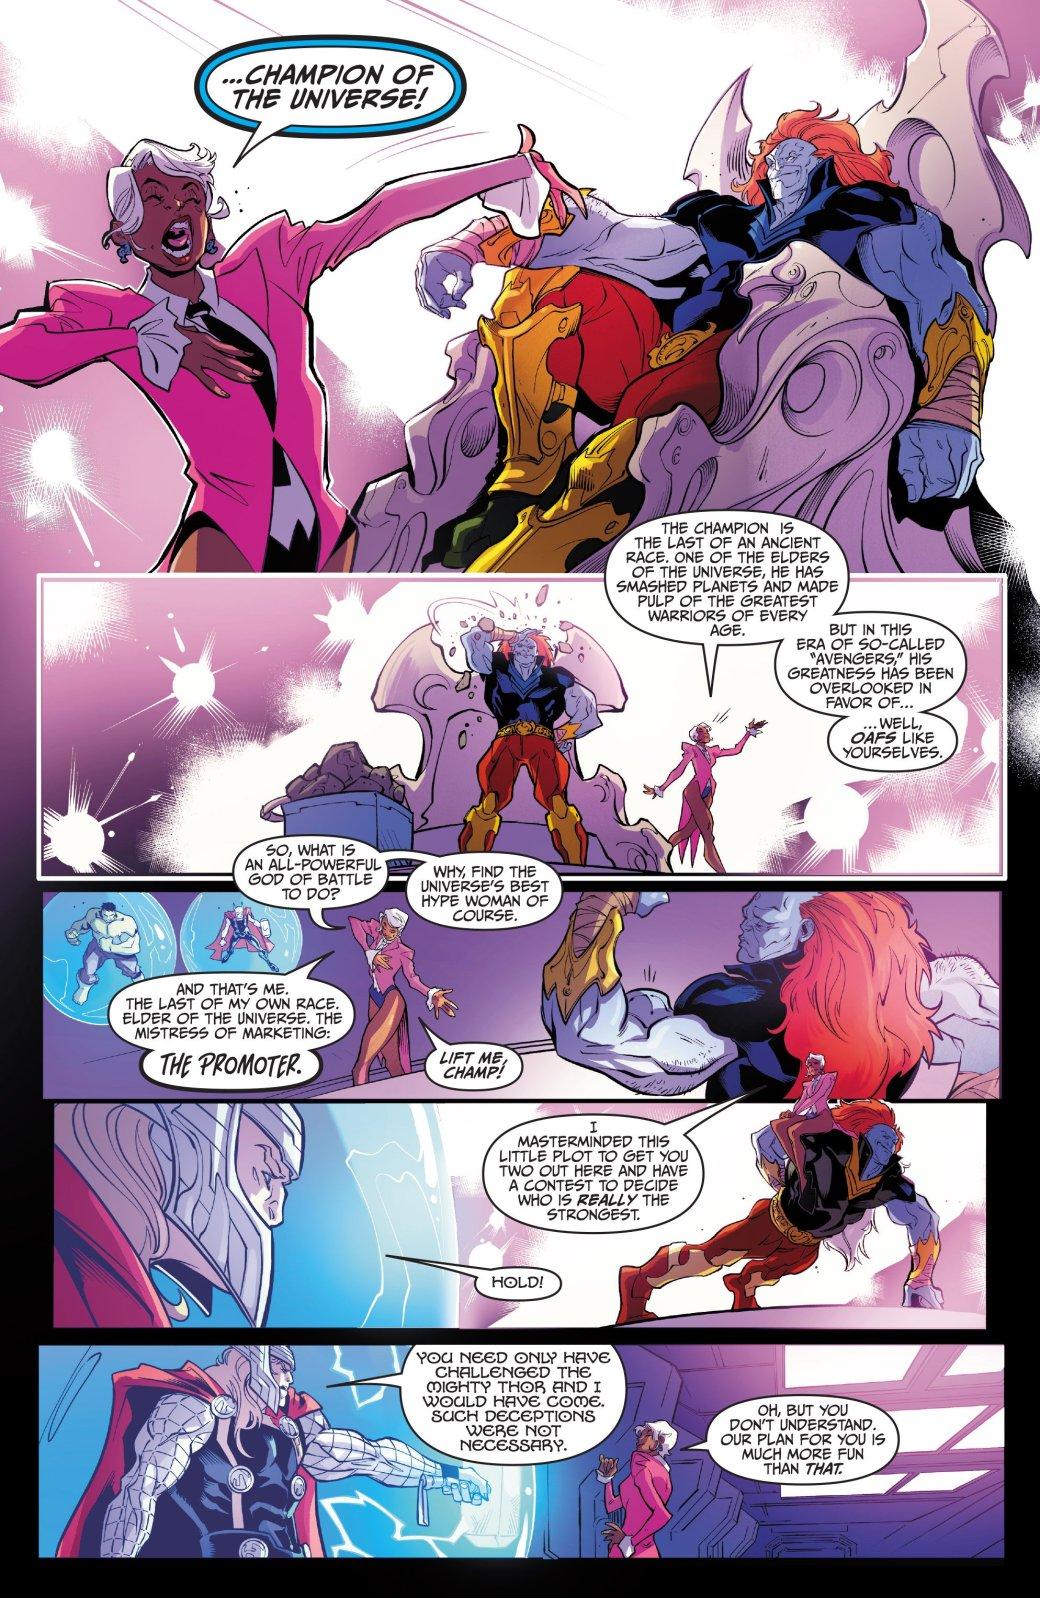 Скем изачем сражаются Тор иХалк вновом комиксе Marvel?. - Изображение 2